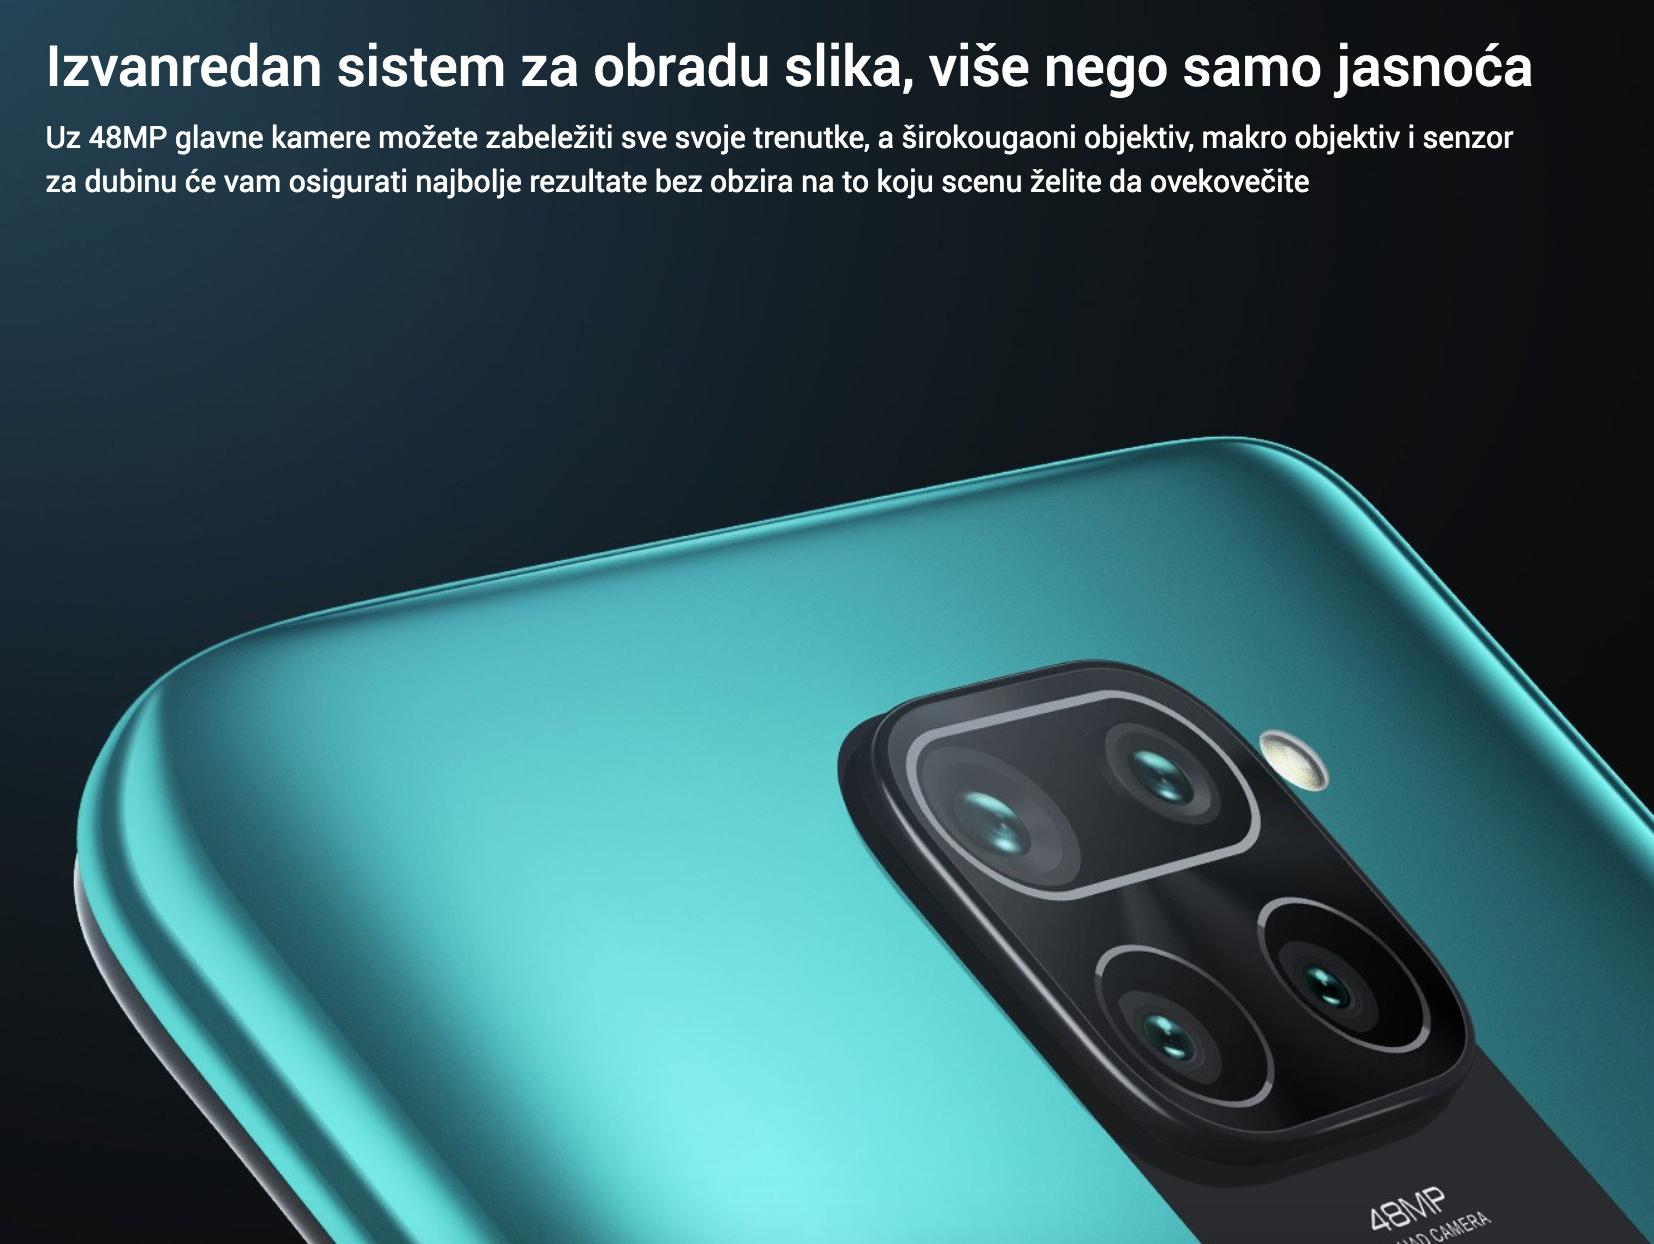 https://mi-srbija.rs/storage/media/2020/11/5/3ddac095-0be0-467b-ada0-e19f889eeb90.png